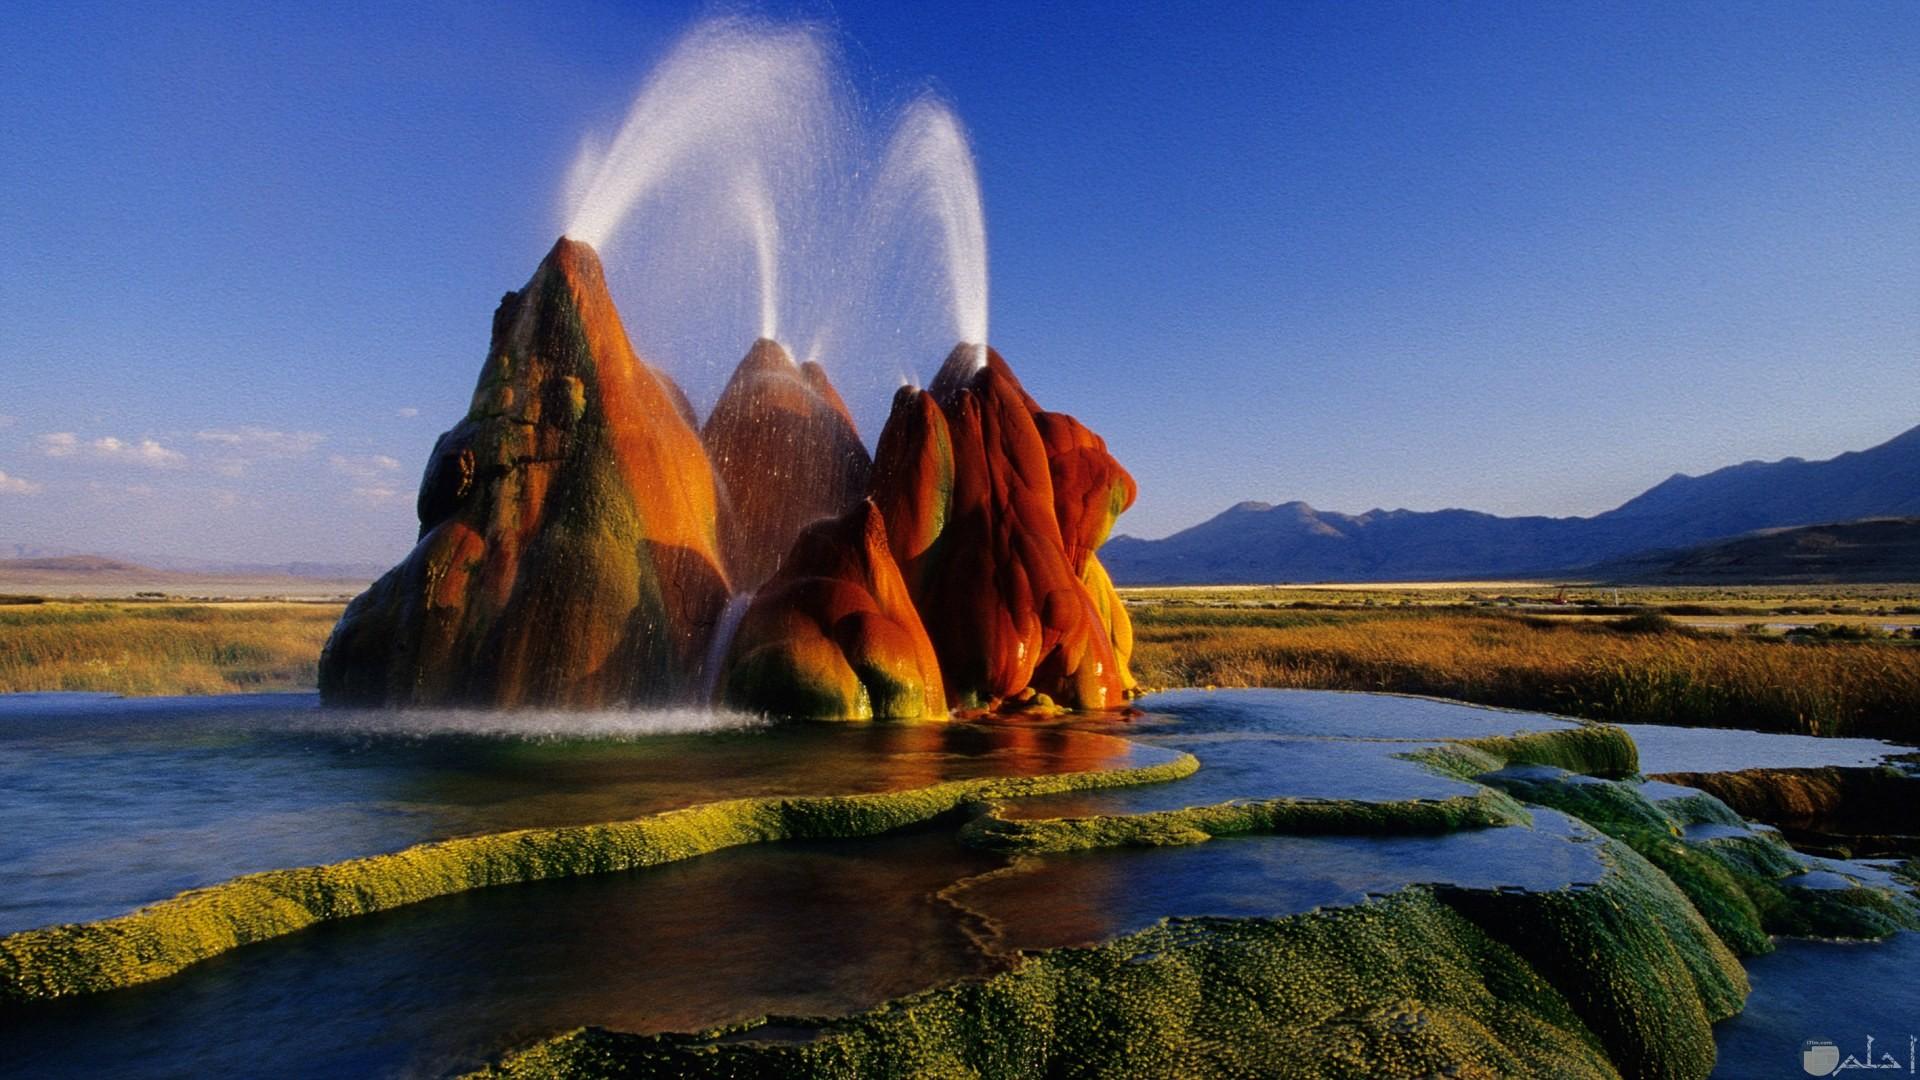 نافورة الماء الساخن - أمريكا. من أروع الأماكن و المناظر الطبيعية.